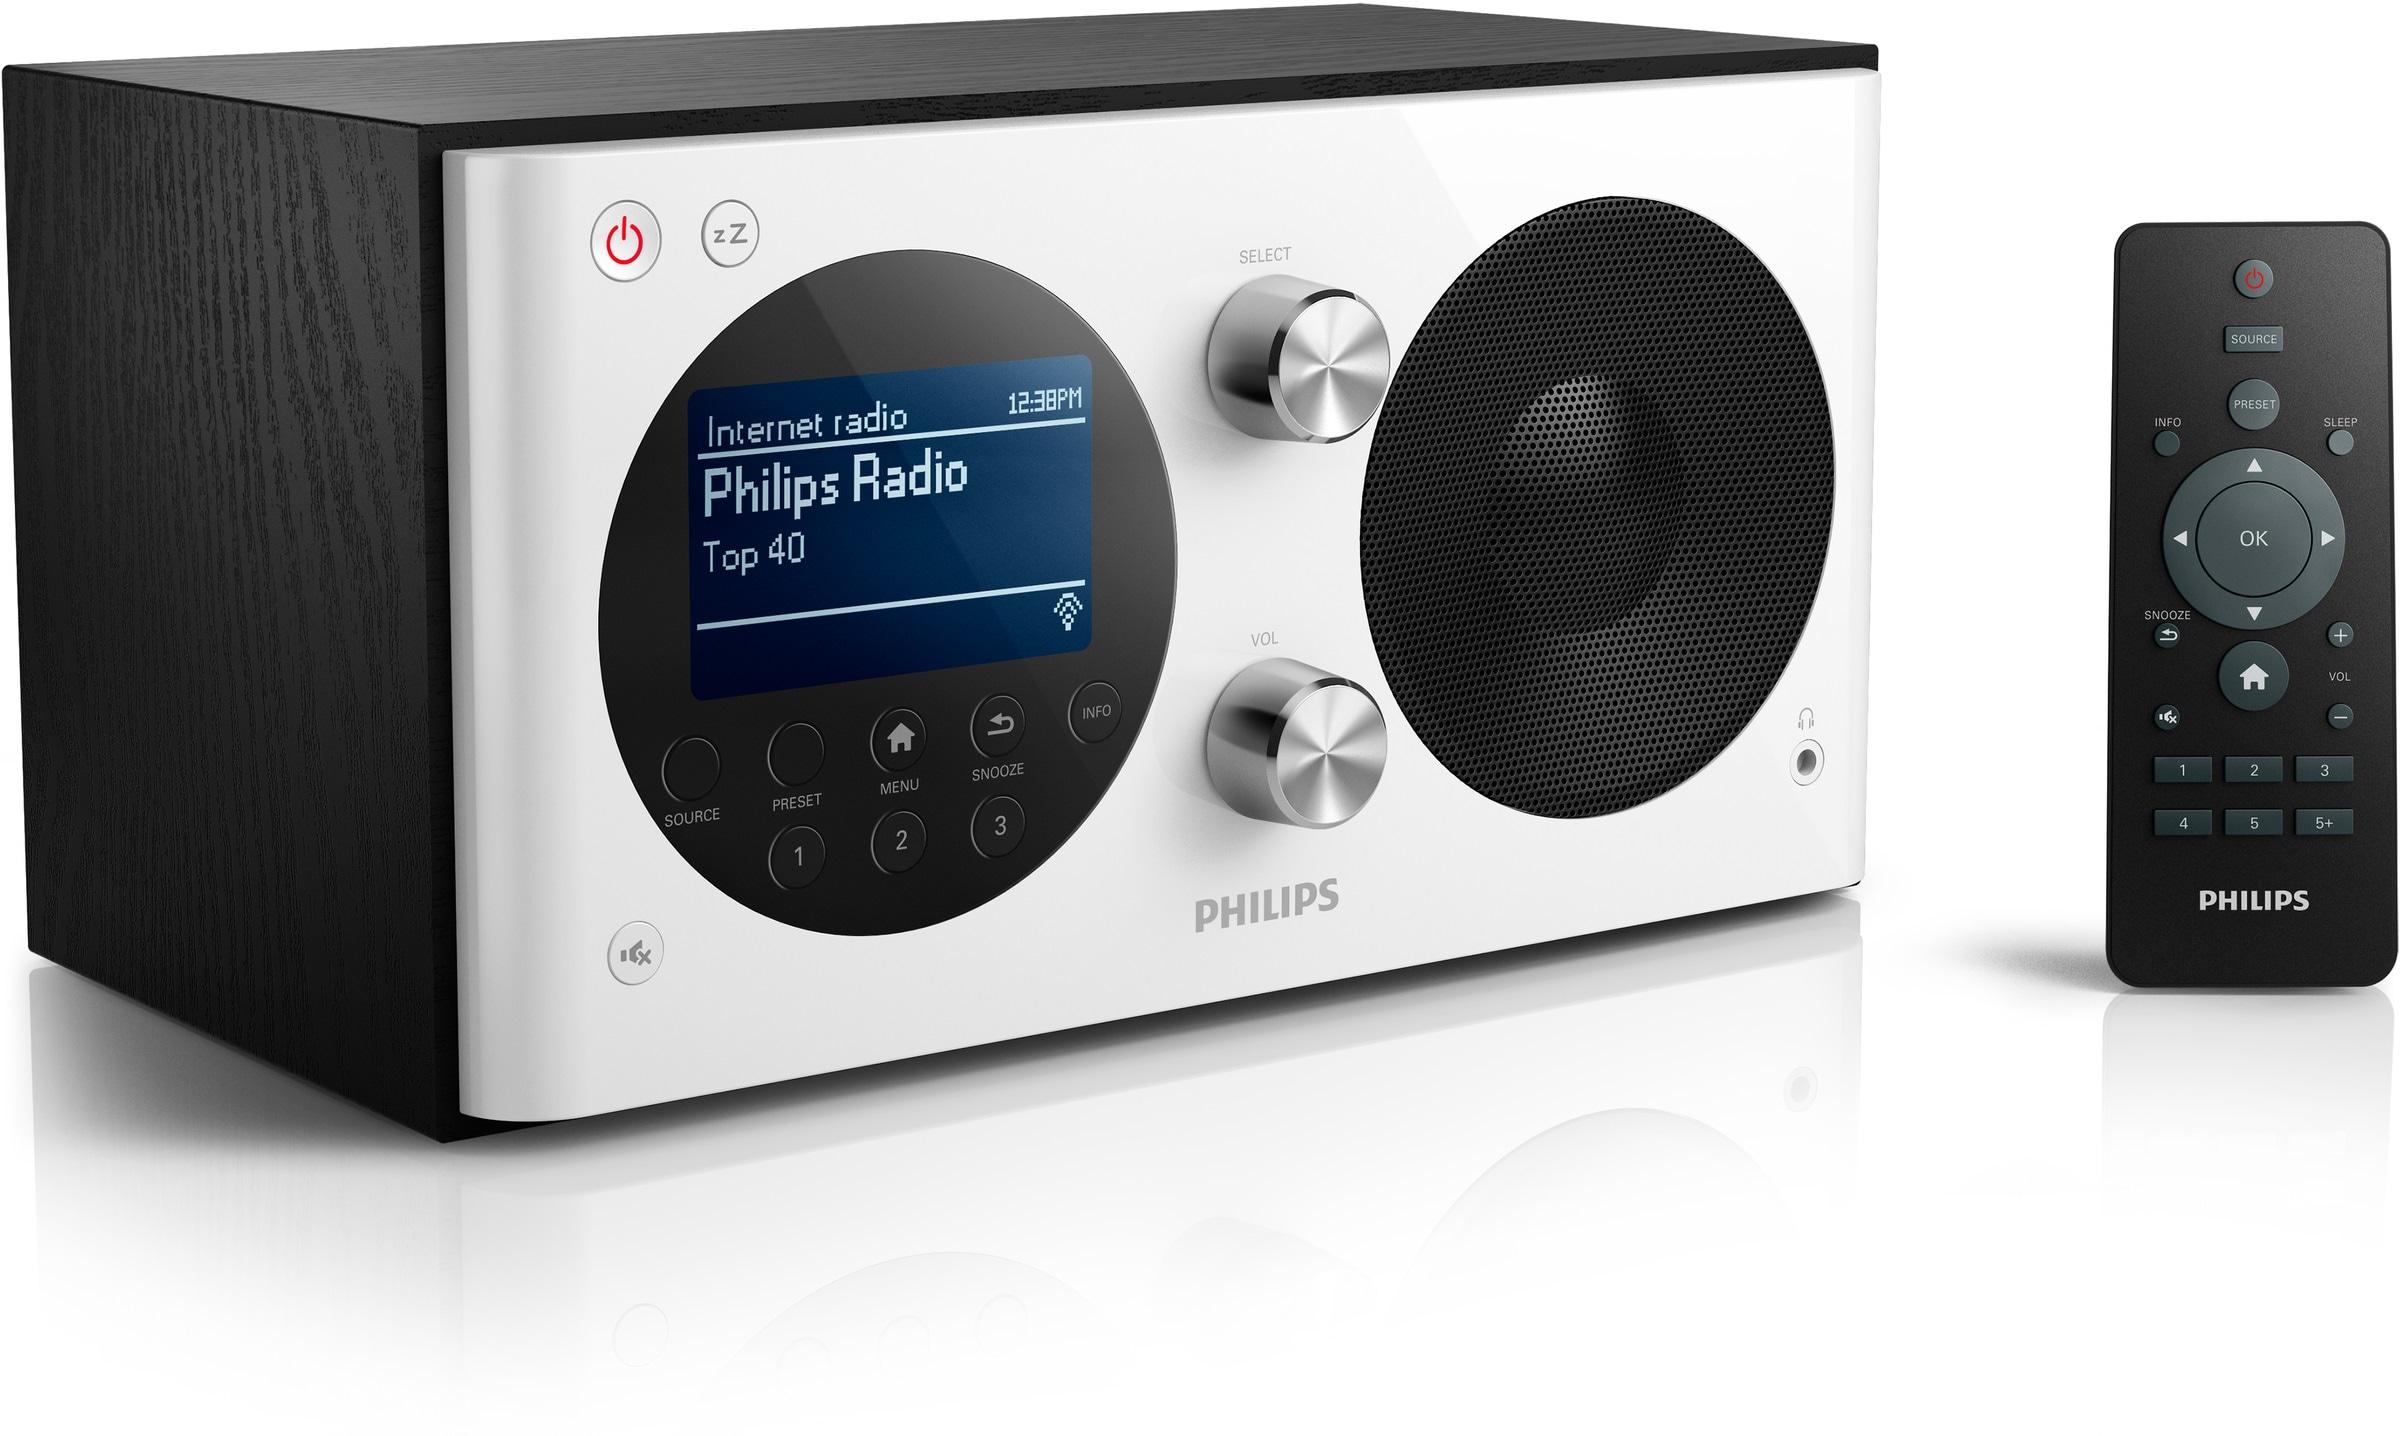 zugang zu weltweiten radiostationen das philips internetradio ae8000 mit dab und ukw